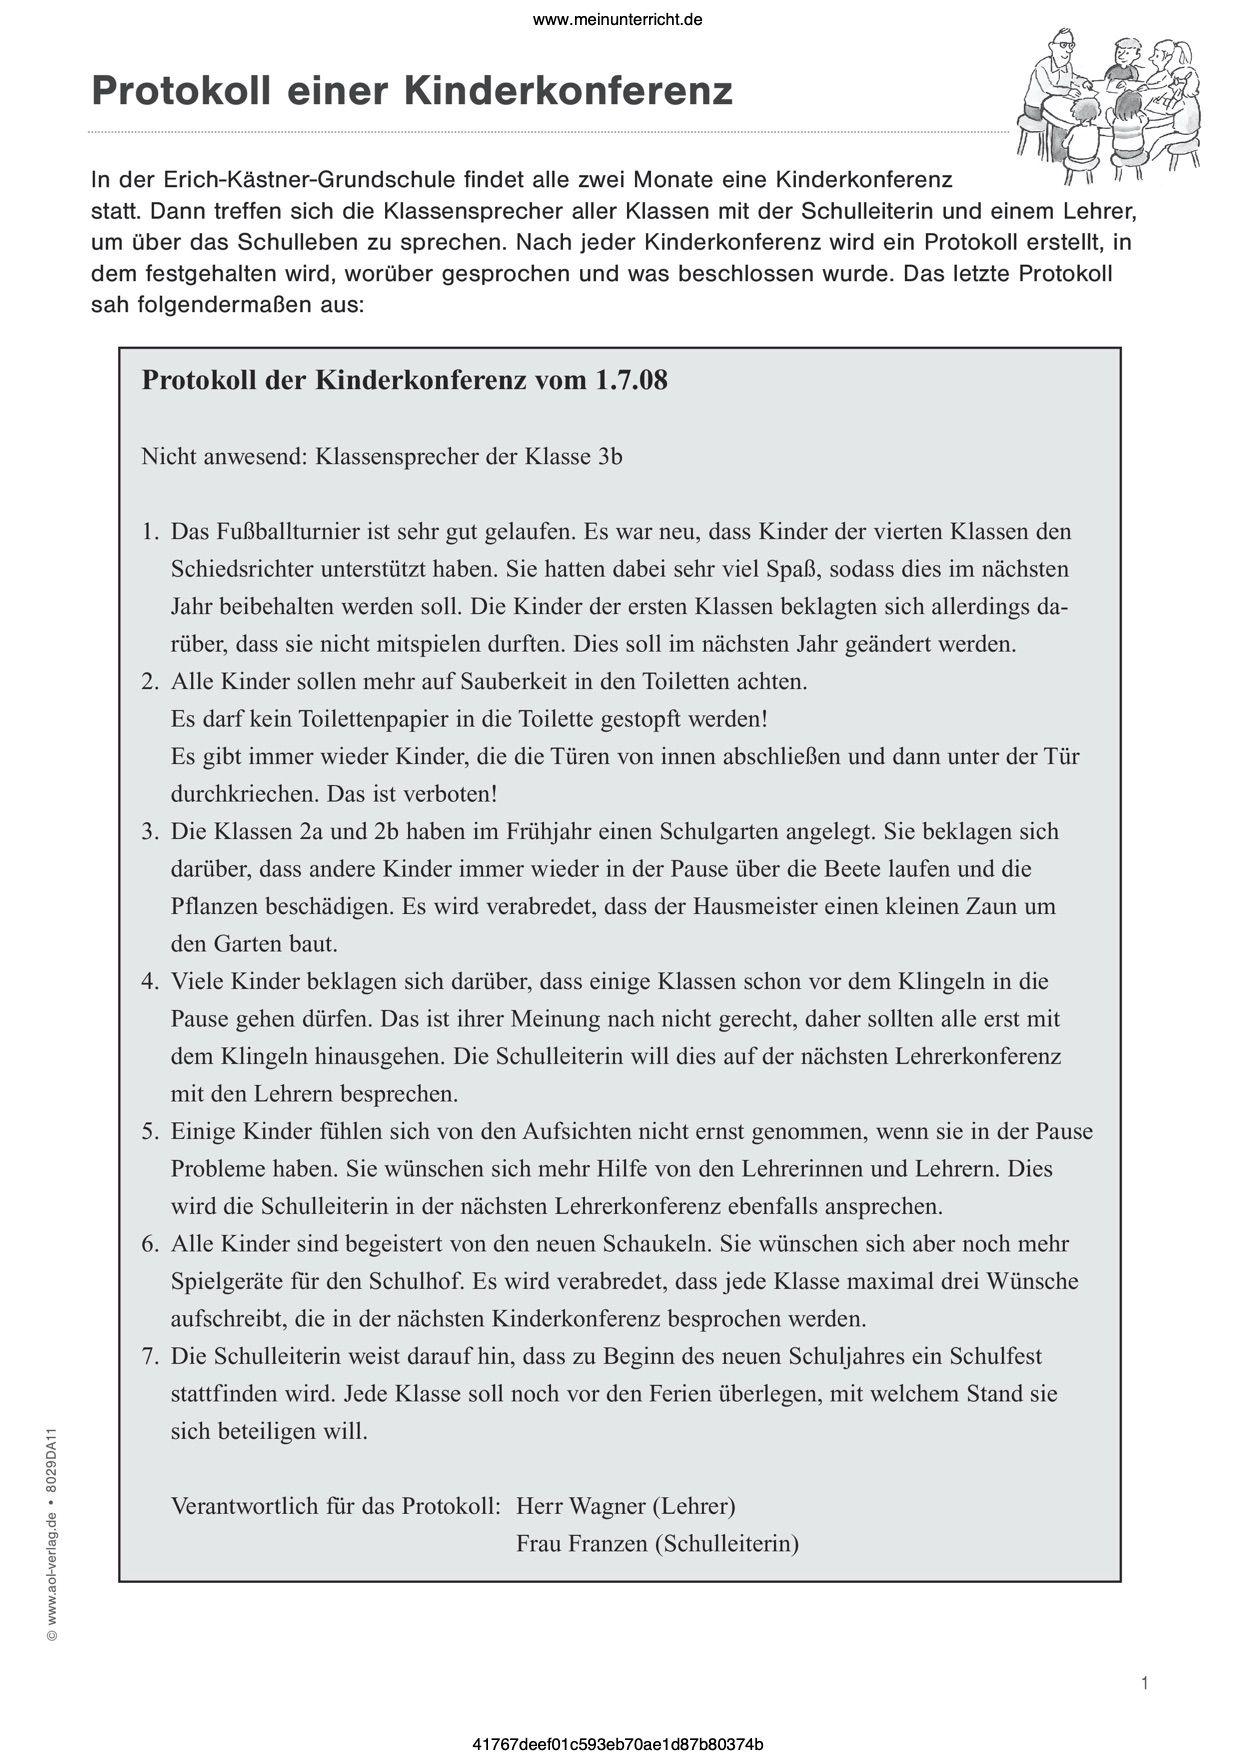 Sachtexte   Arbeitsblätter für Deutsch   meinUnterricht ...